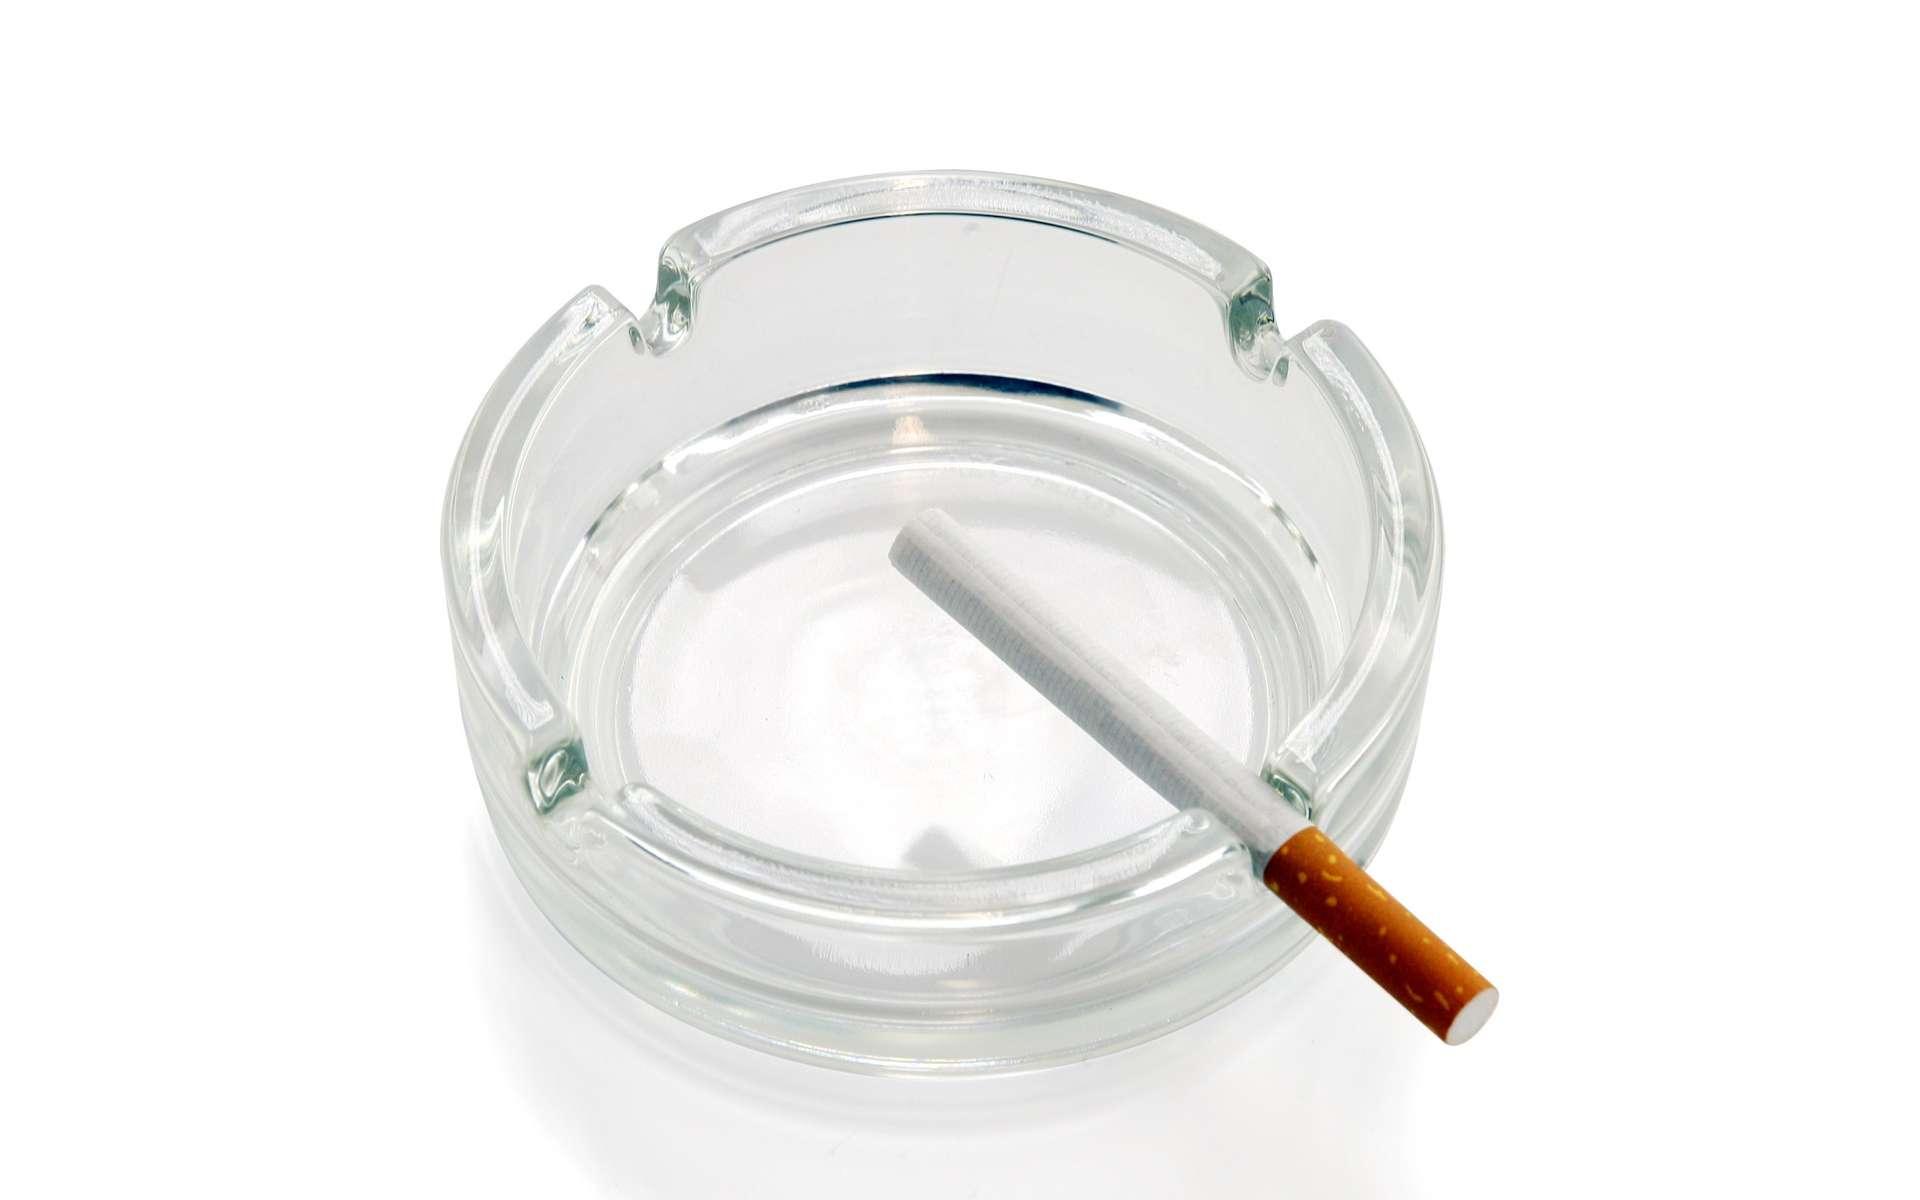 Le tabac, responsable de bien des maux... mais pas de la plaque dentaire. © Phovoir